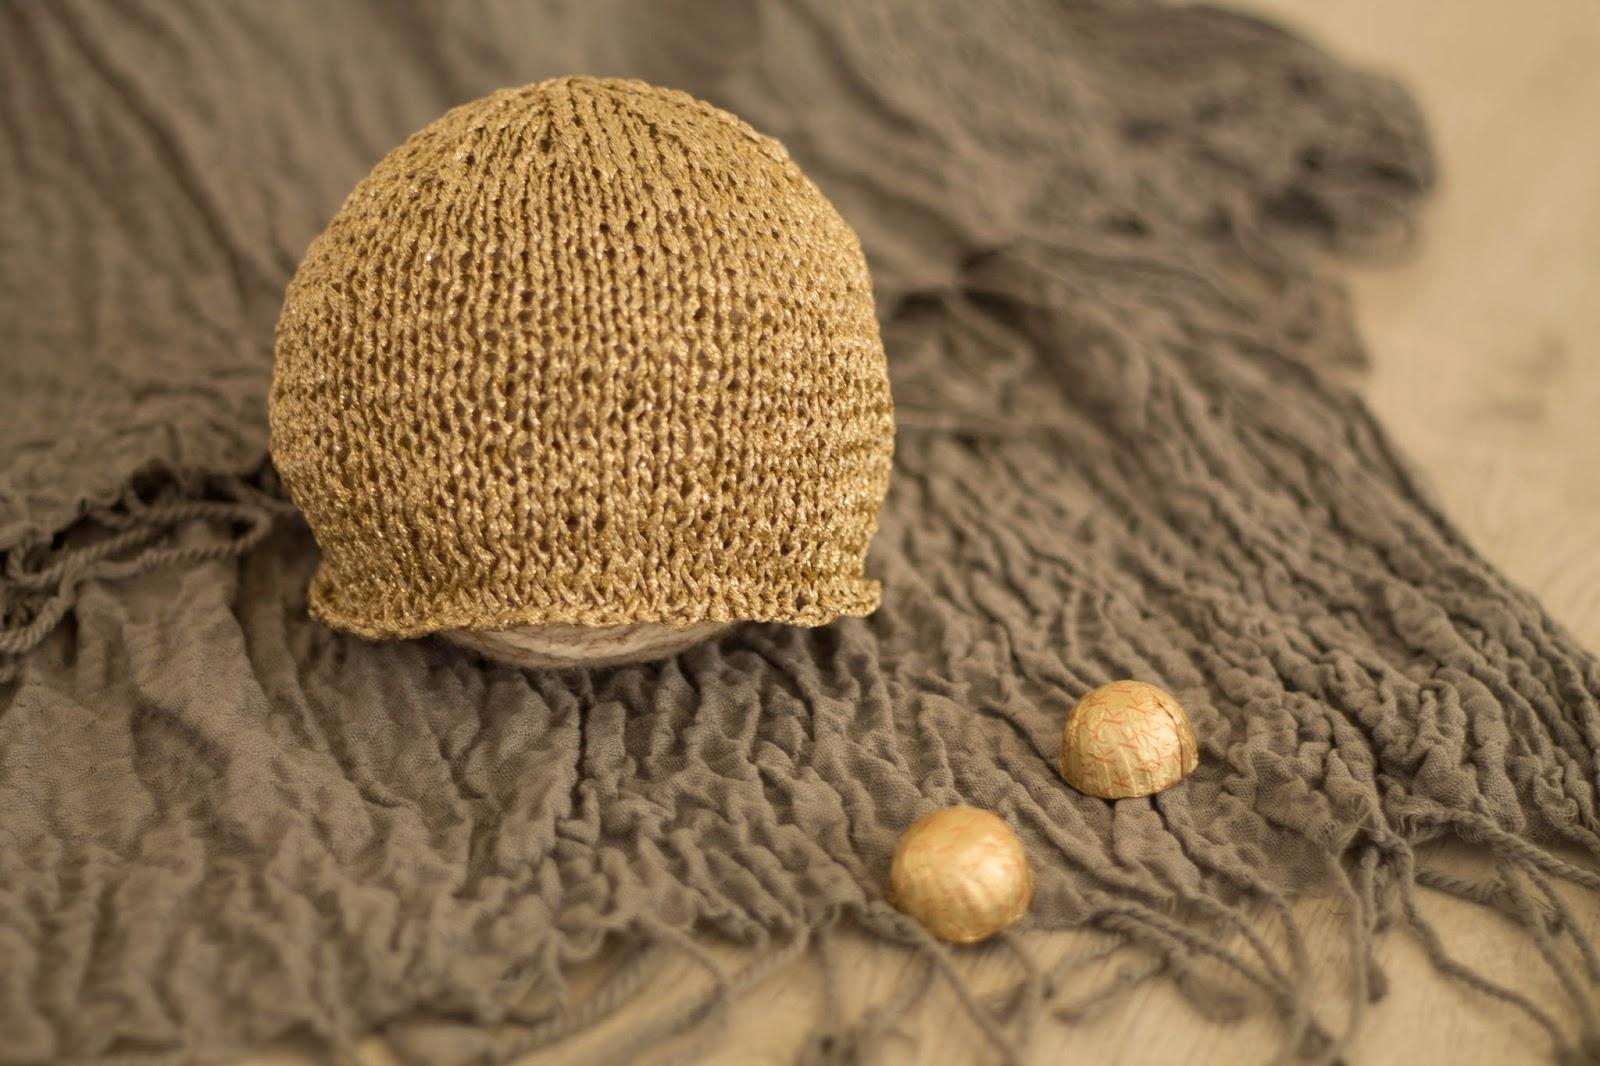 шапочка для фотосессии, фотосессия, новорожденные, шапочка для новорожденной, шапочка для новорожденного, шапочка для фотографа, для фотографа, на выписку, плед для фотосессии, для фотосессий, пледик для фотосессии, шорты для фотосессии, шортики для новорожденной, красивые фото, дети, для малышей